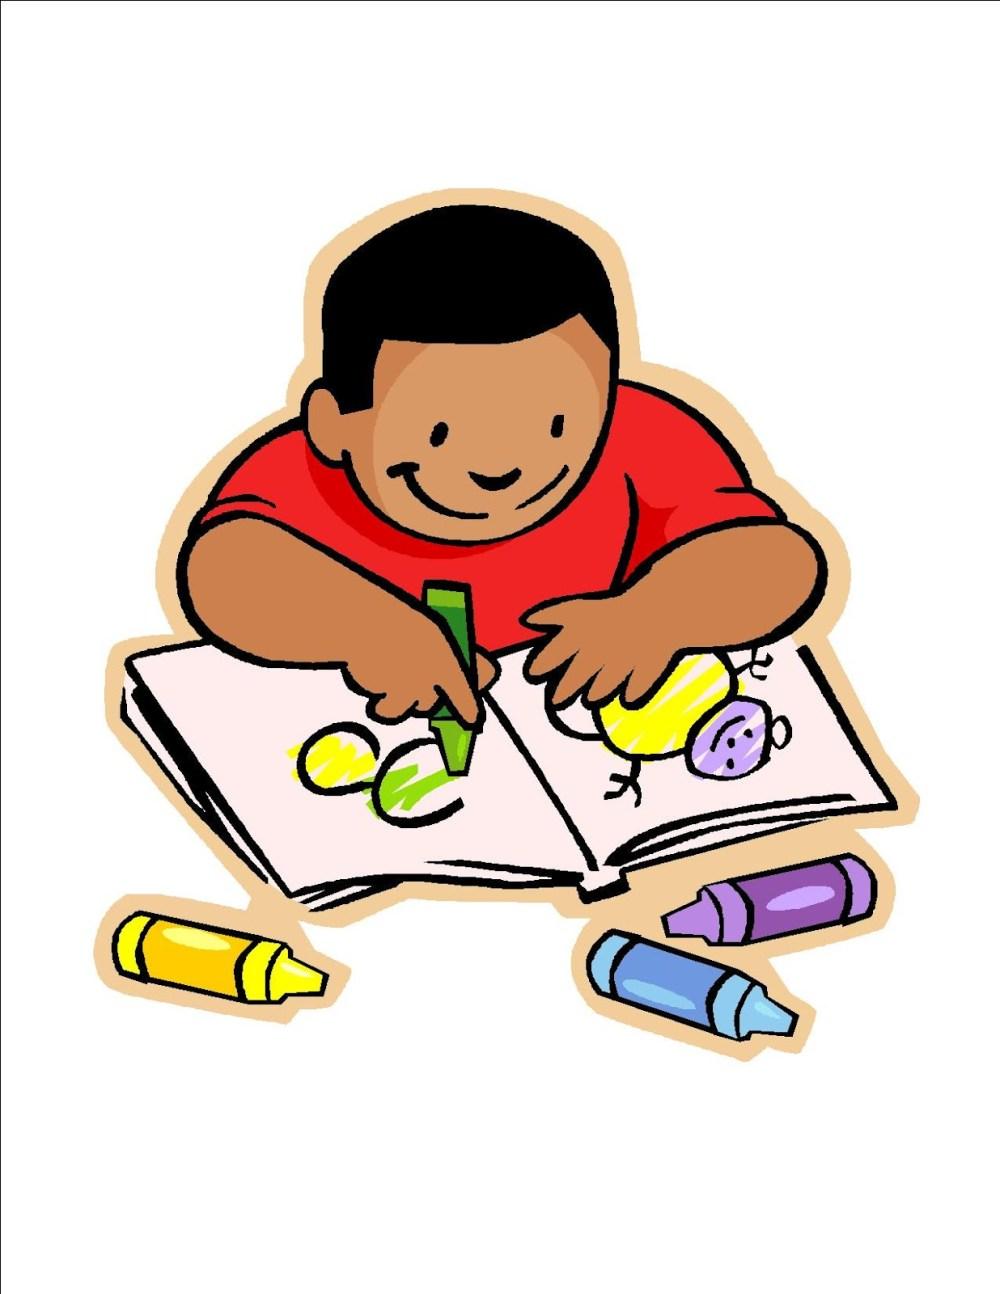 medium resolution of classroom clip art clipart library